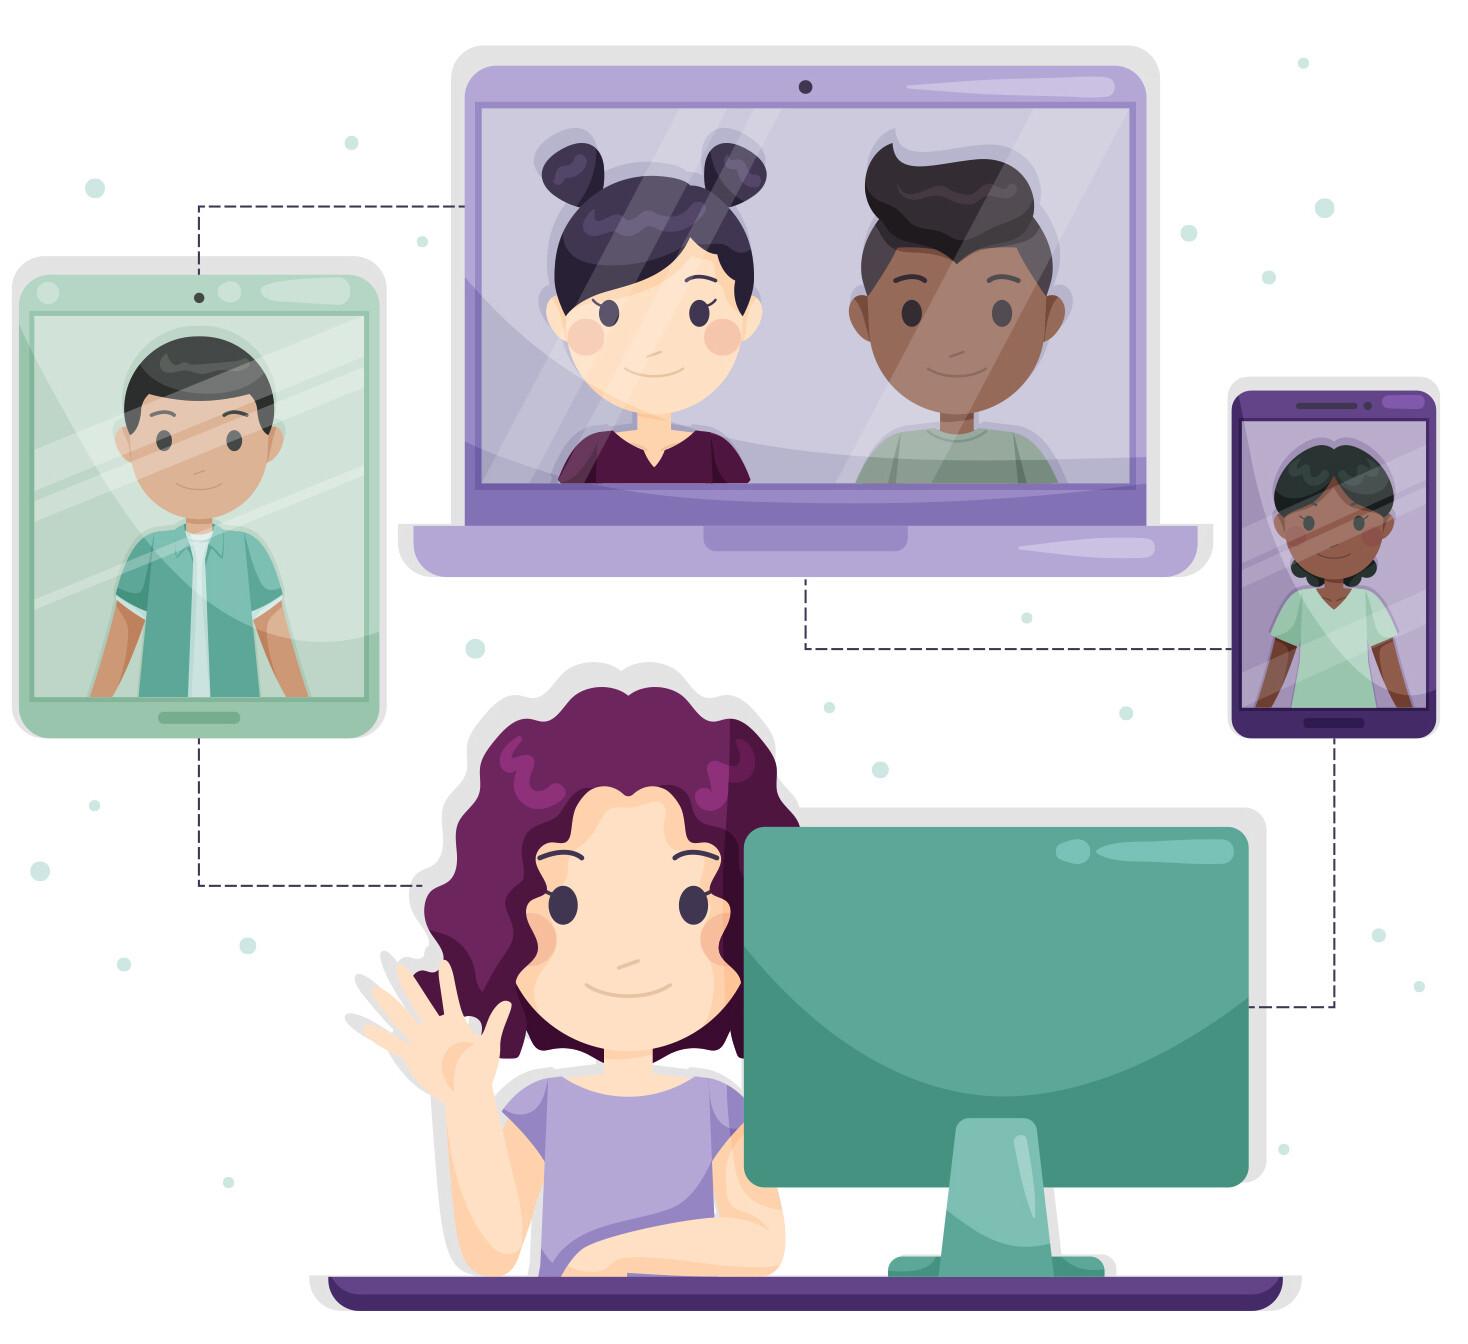 Образовательные игры. Как организовать увлекательную групповую работу онлайн.